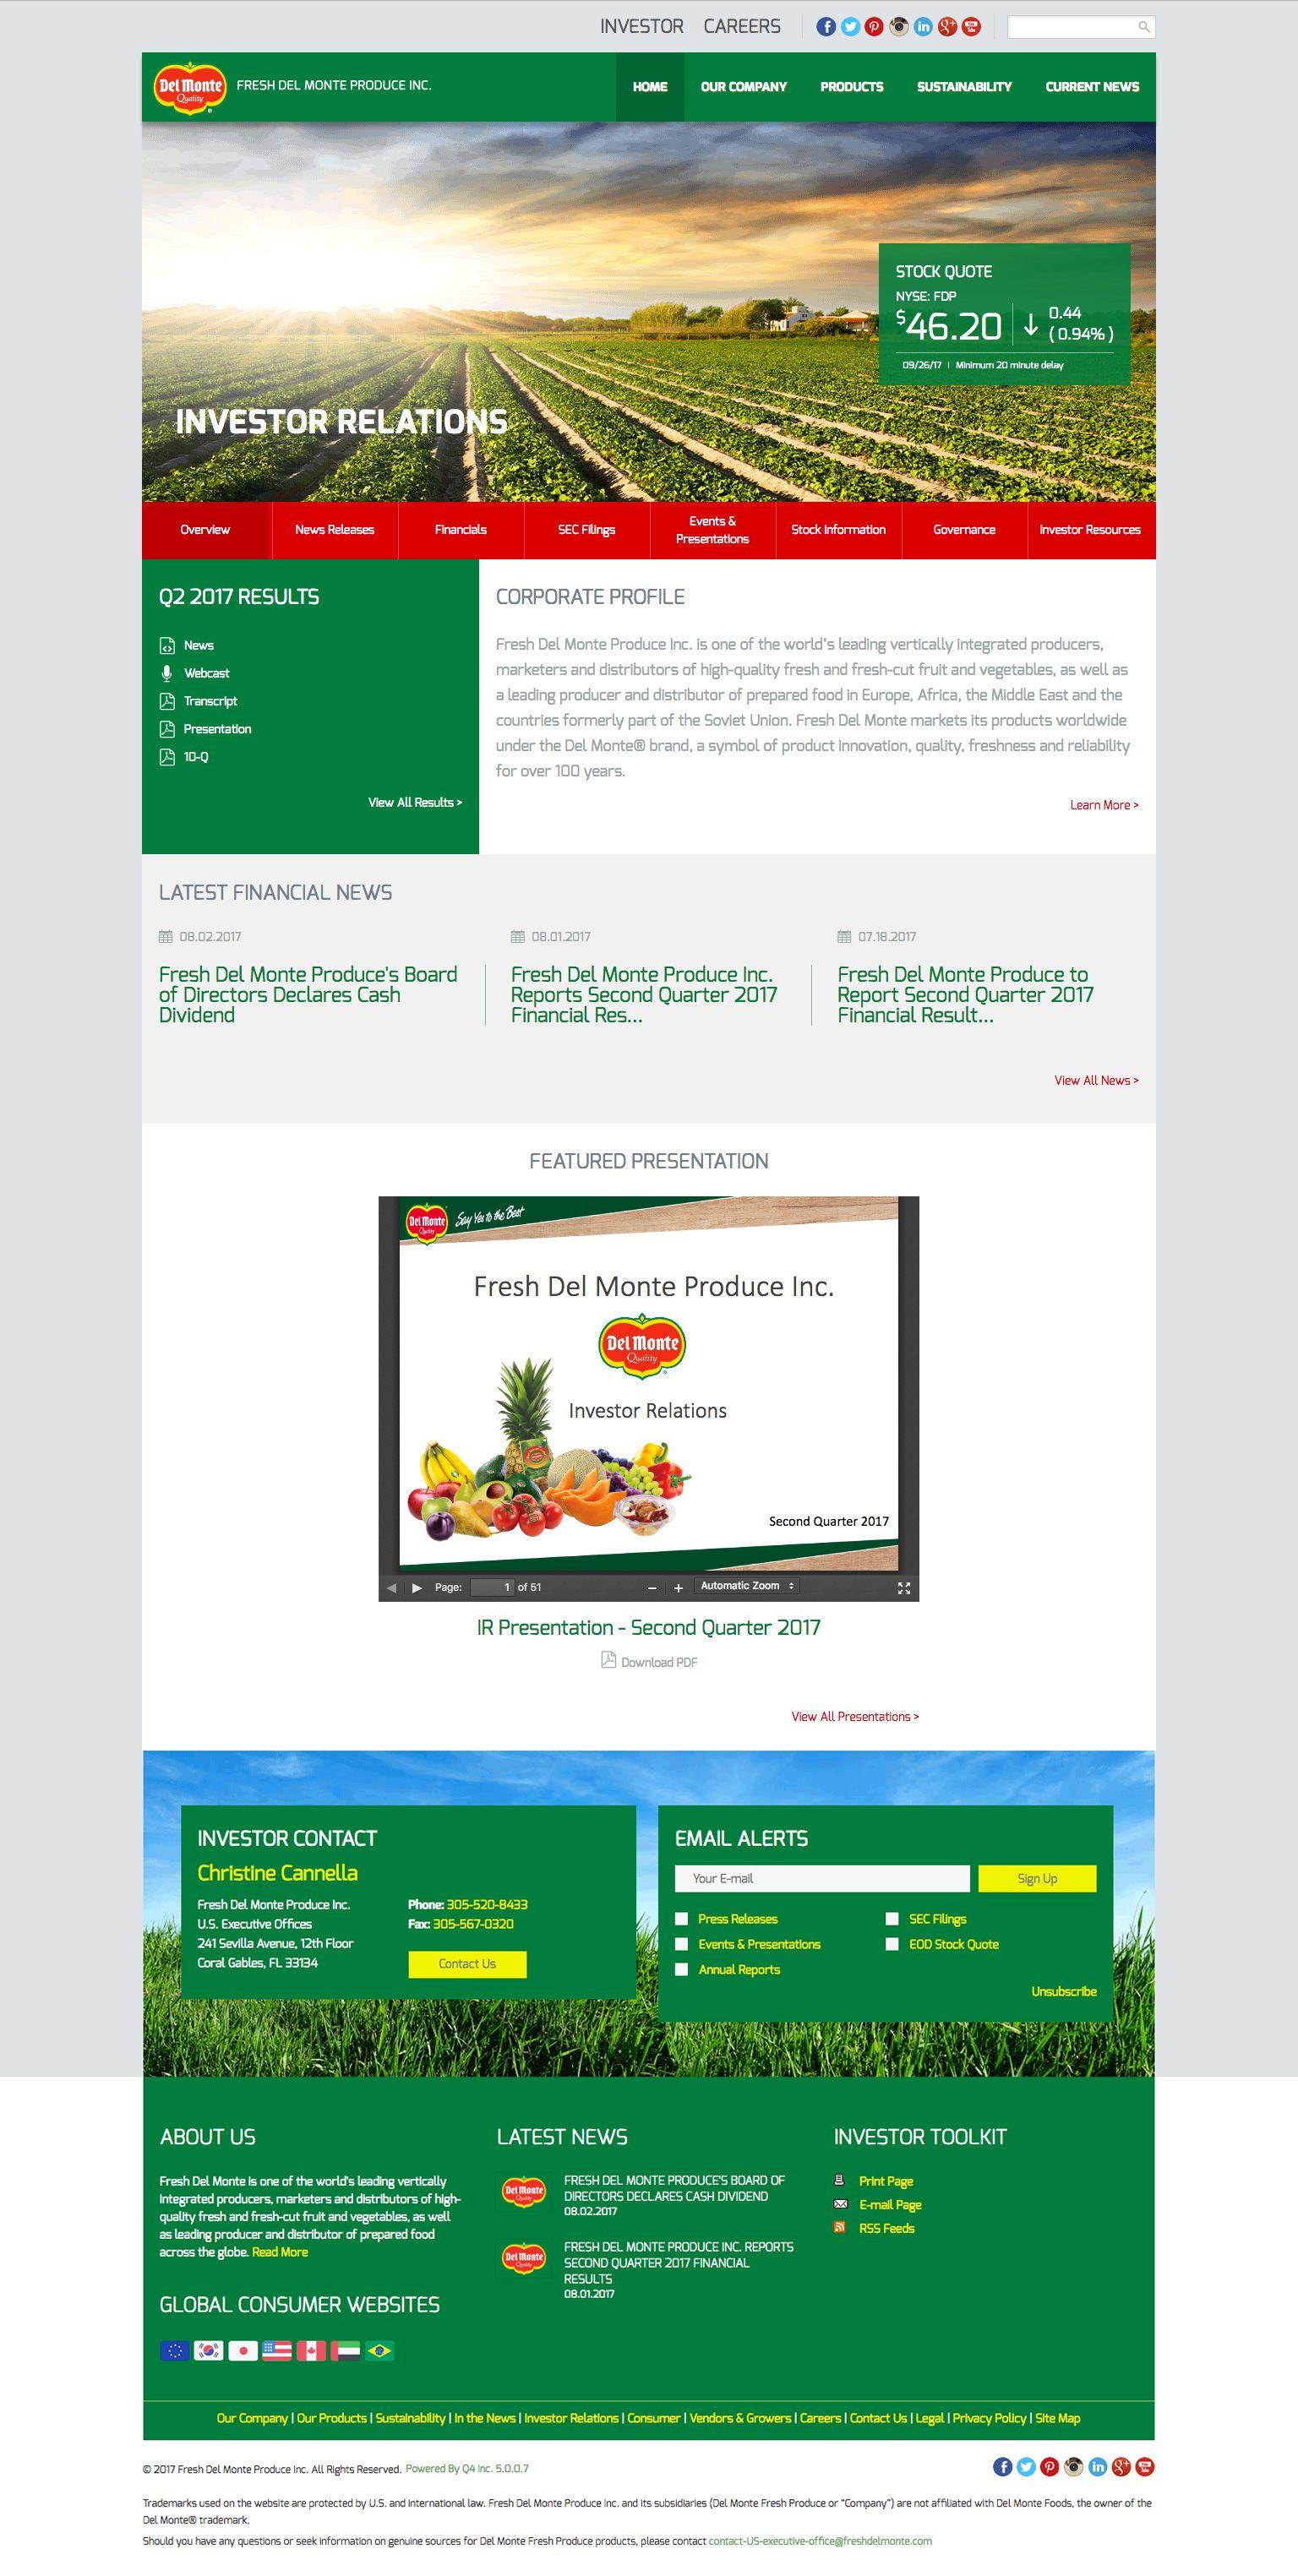 j&j snack foods investor relations